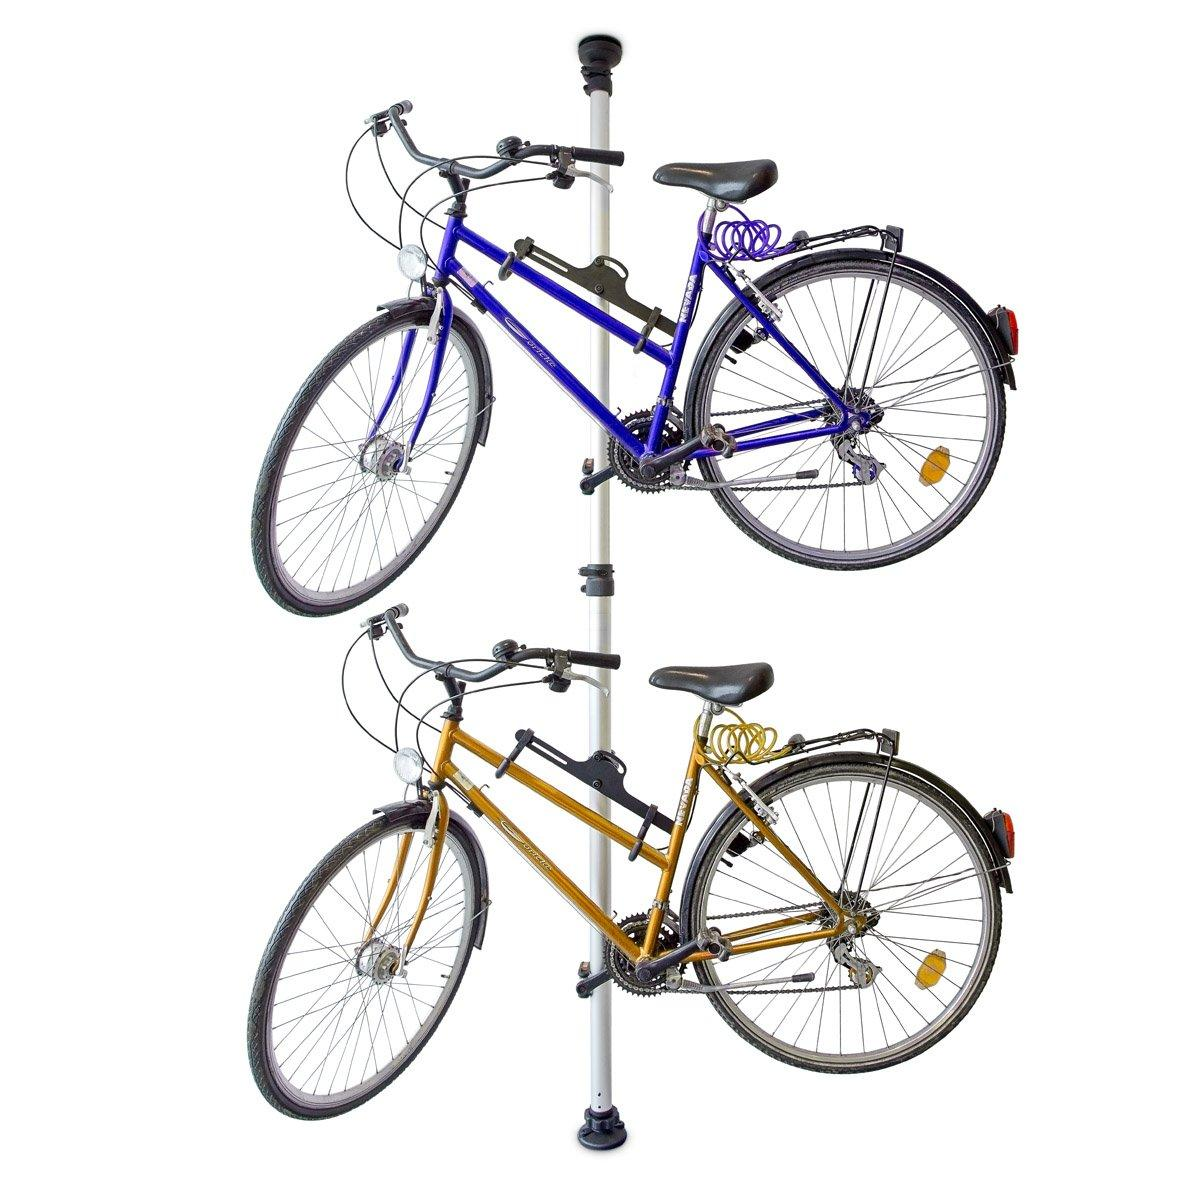 Телескопическая стойка-вешалка для 2-х велосипедов